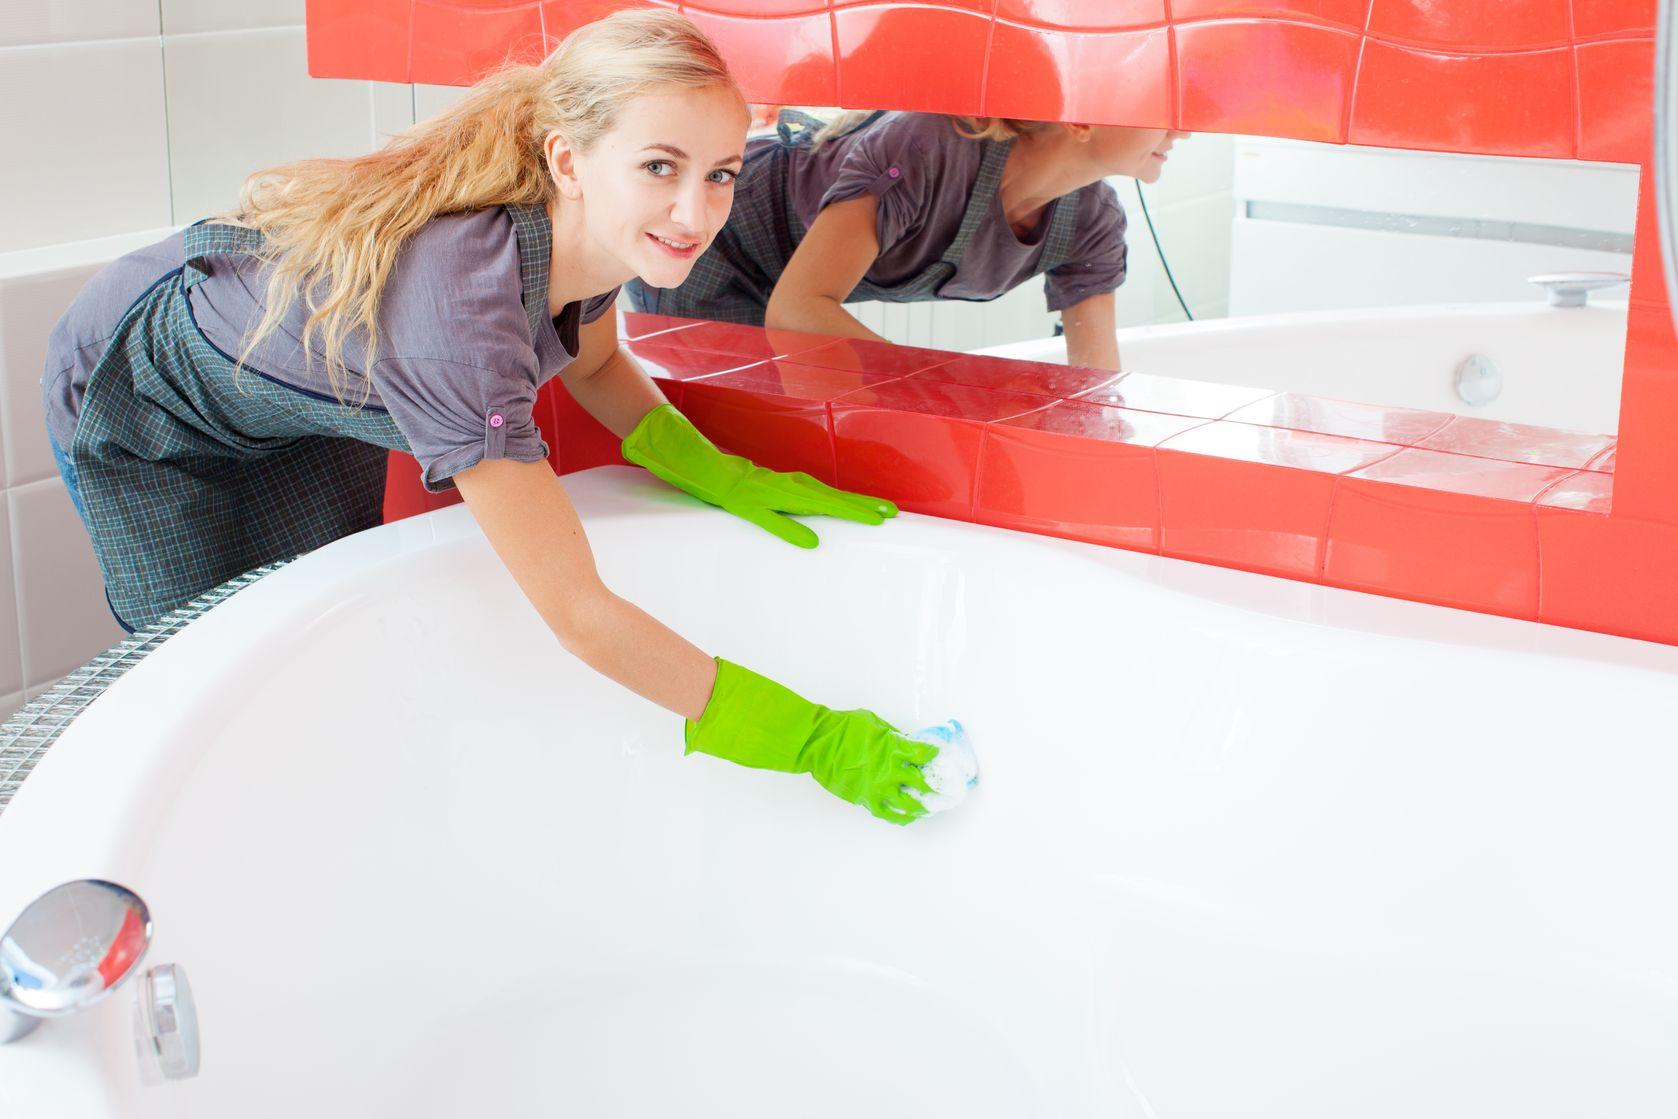 Clean the bathtub